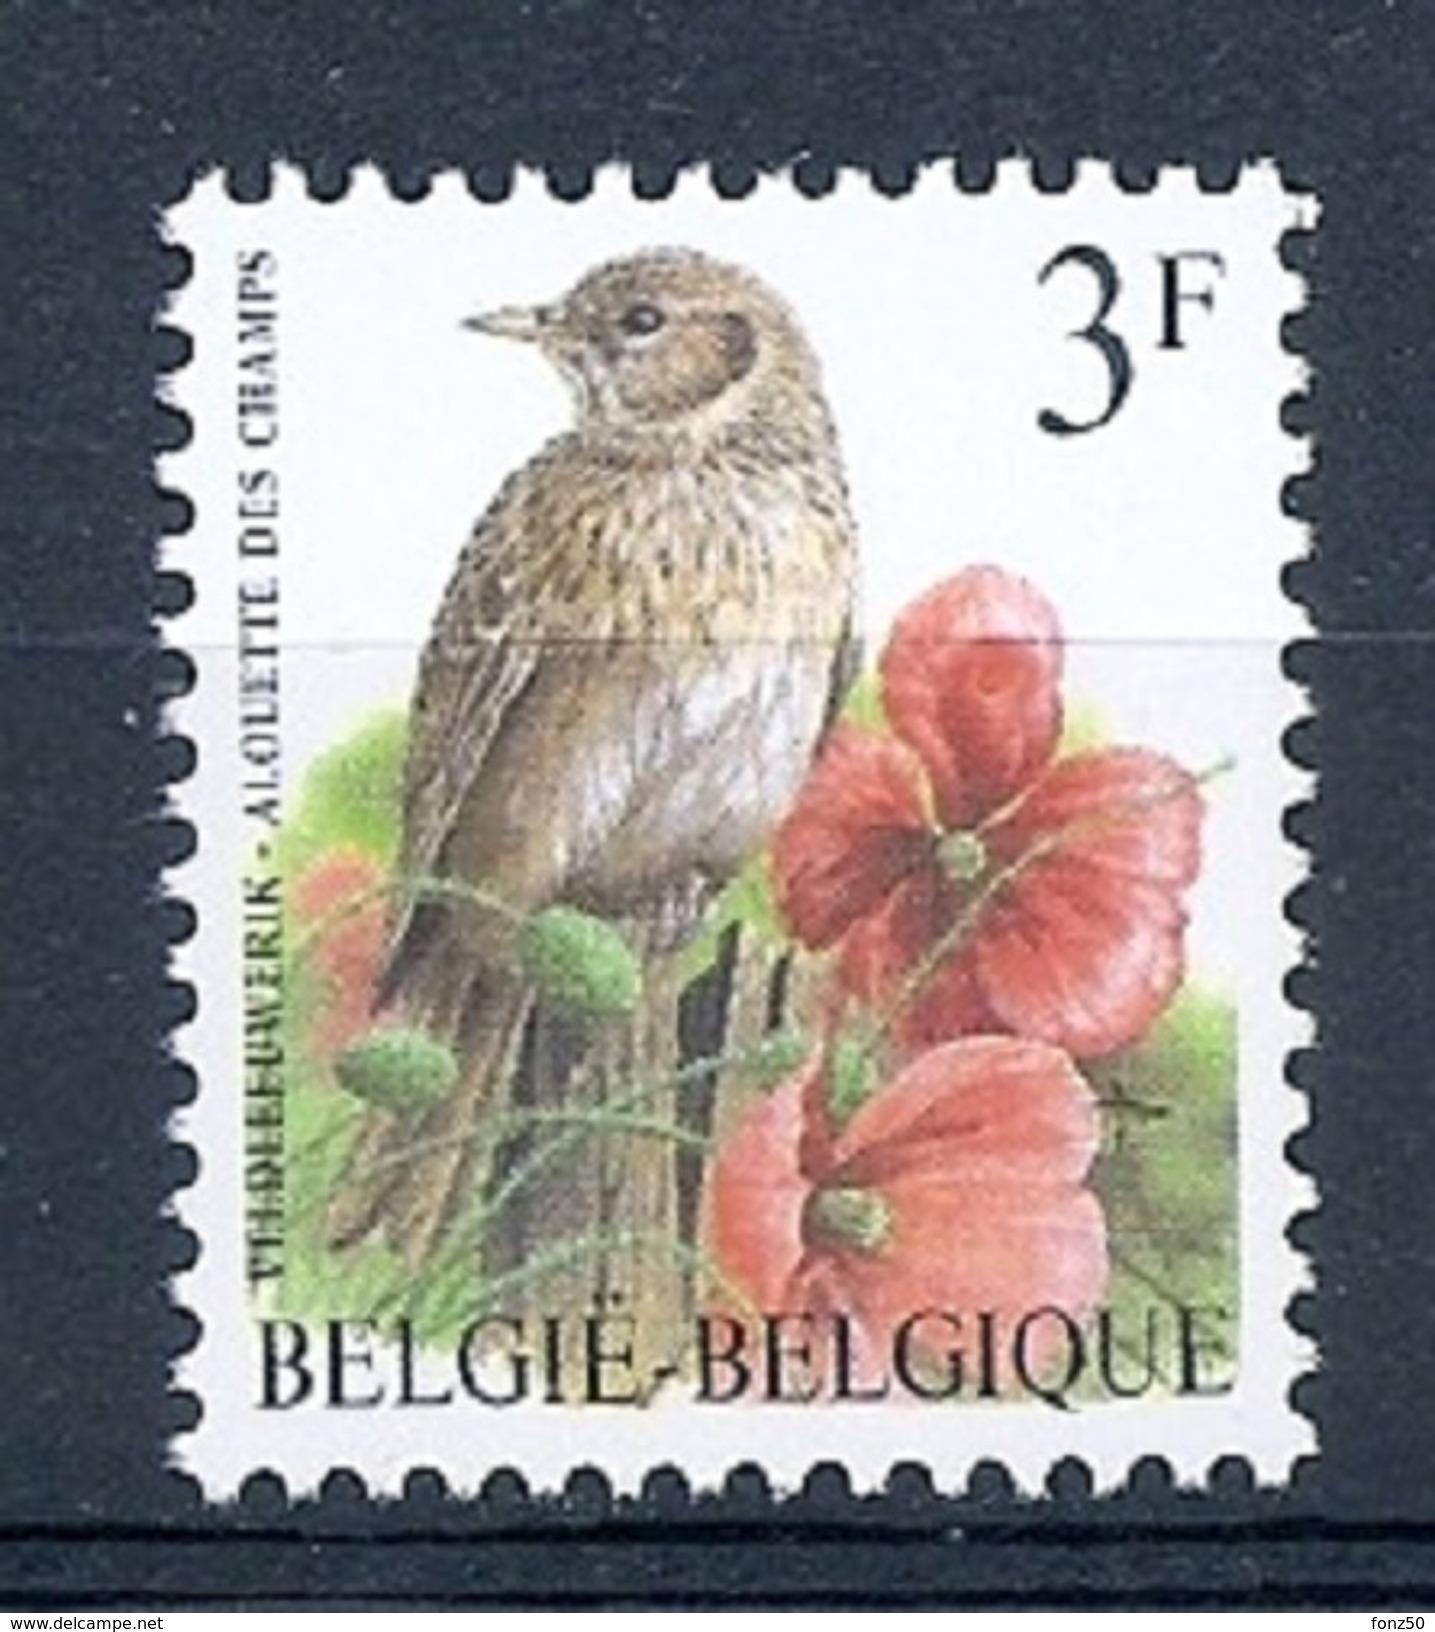 BELGIE * Buzin * Nr 2705 * Postfris Xx * FLUOR  PAPIER - 1985-.. Oiseaux (Buzin)